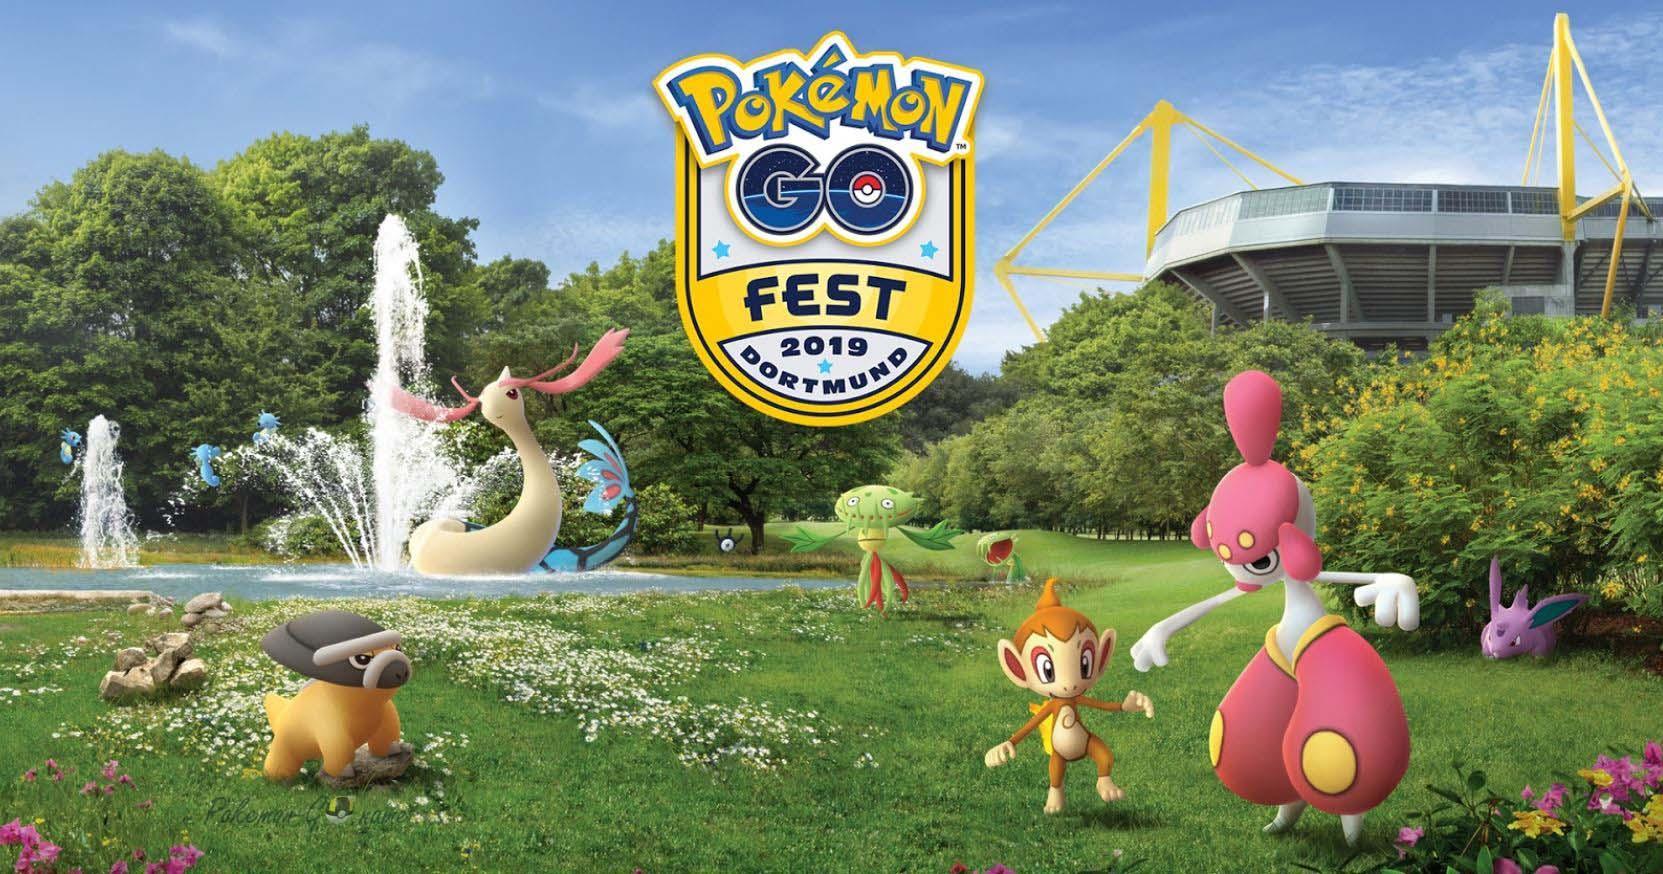 Pokemon GO Fest Dortmund 2019